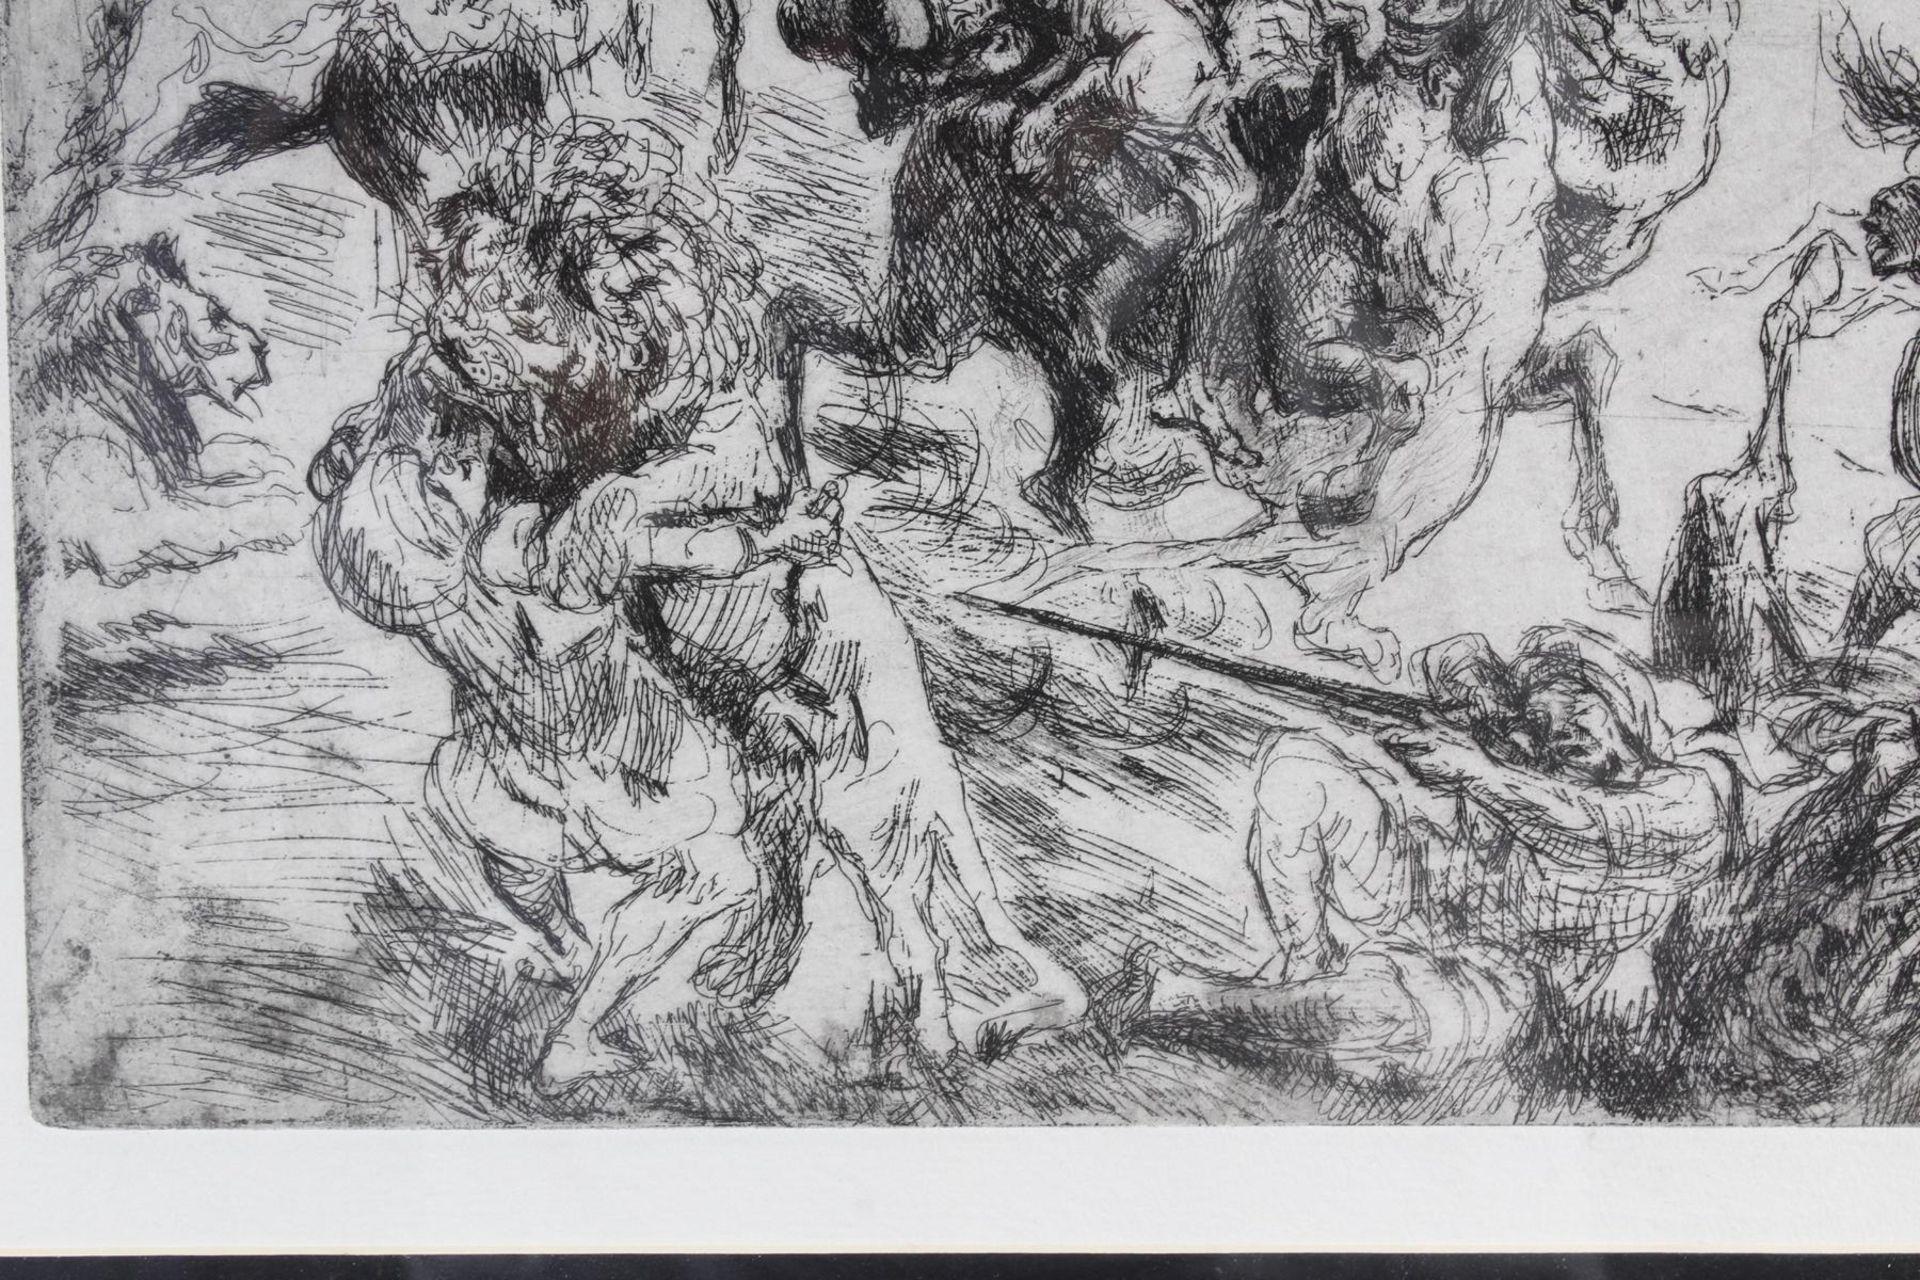 Max Slevogt (1868-1932), Löwenjagd - Bild 6 aus 7